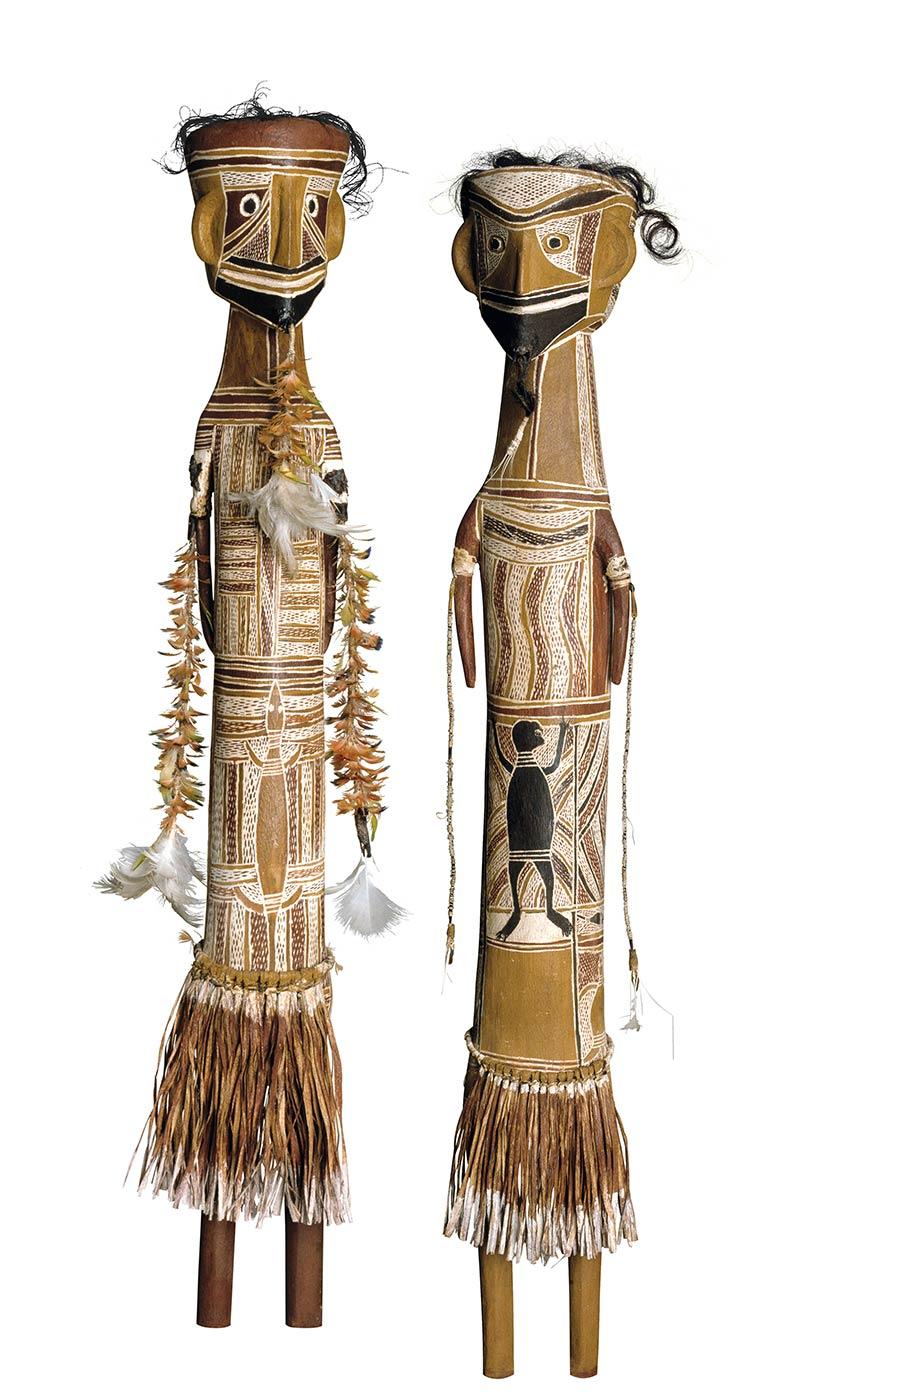 Yalangbara: Art of the Djang'kawu. Mawalan 1 Marika. Djang'kawu, Ancestral Being of the Dhuwa Moiety Carvings 1960. Art Gallery of New South Wales Collection, Sydney. - click to view larger image